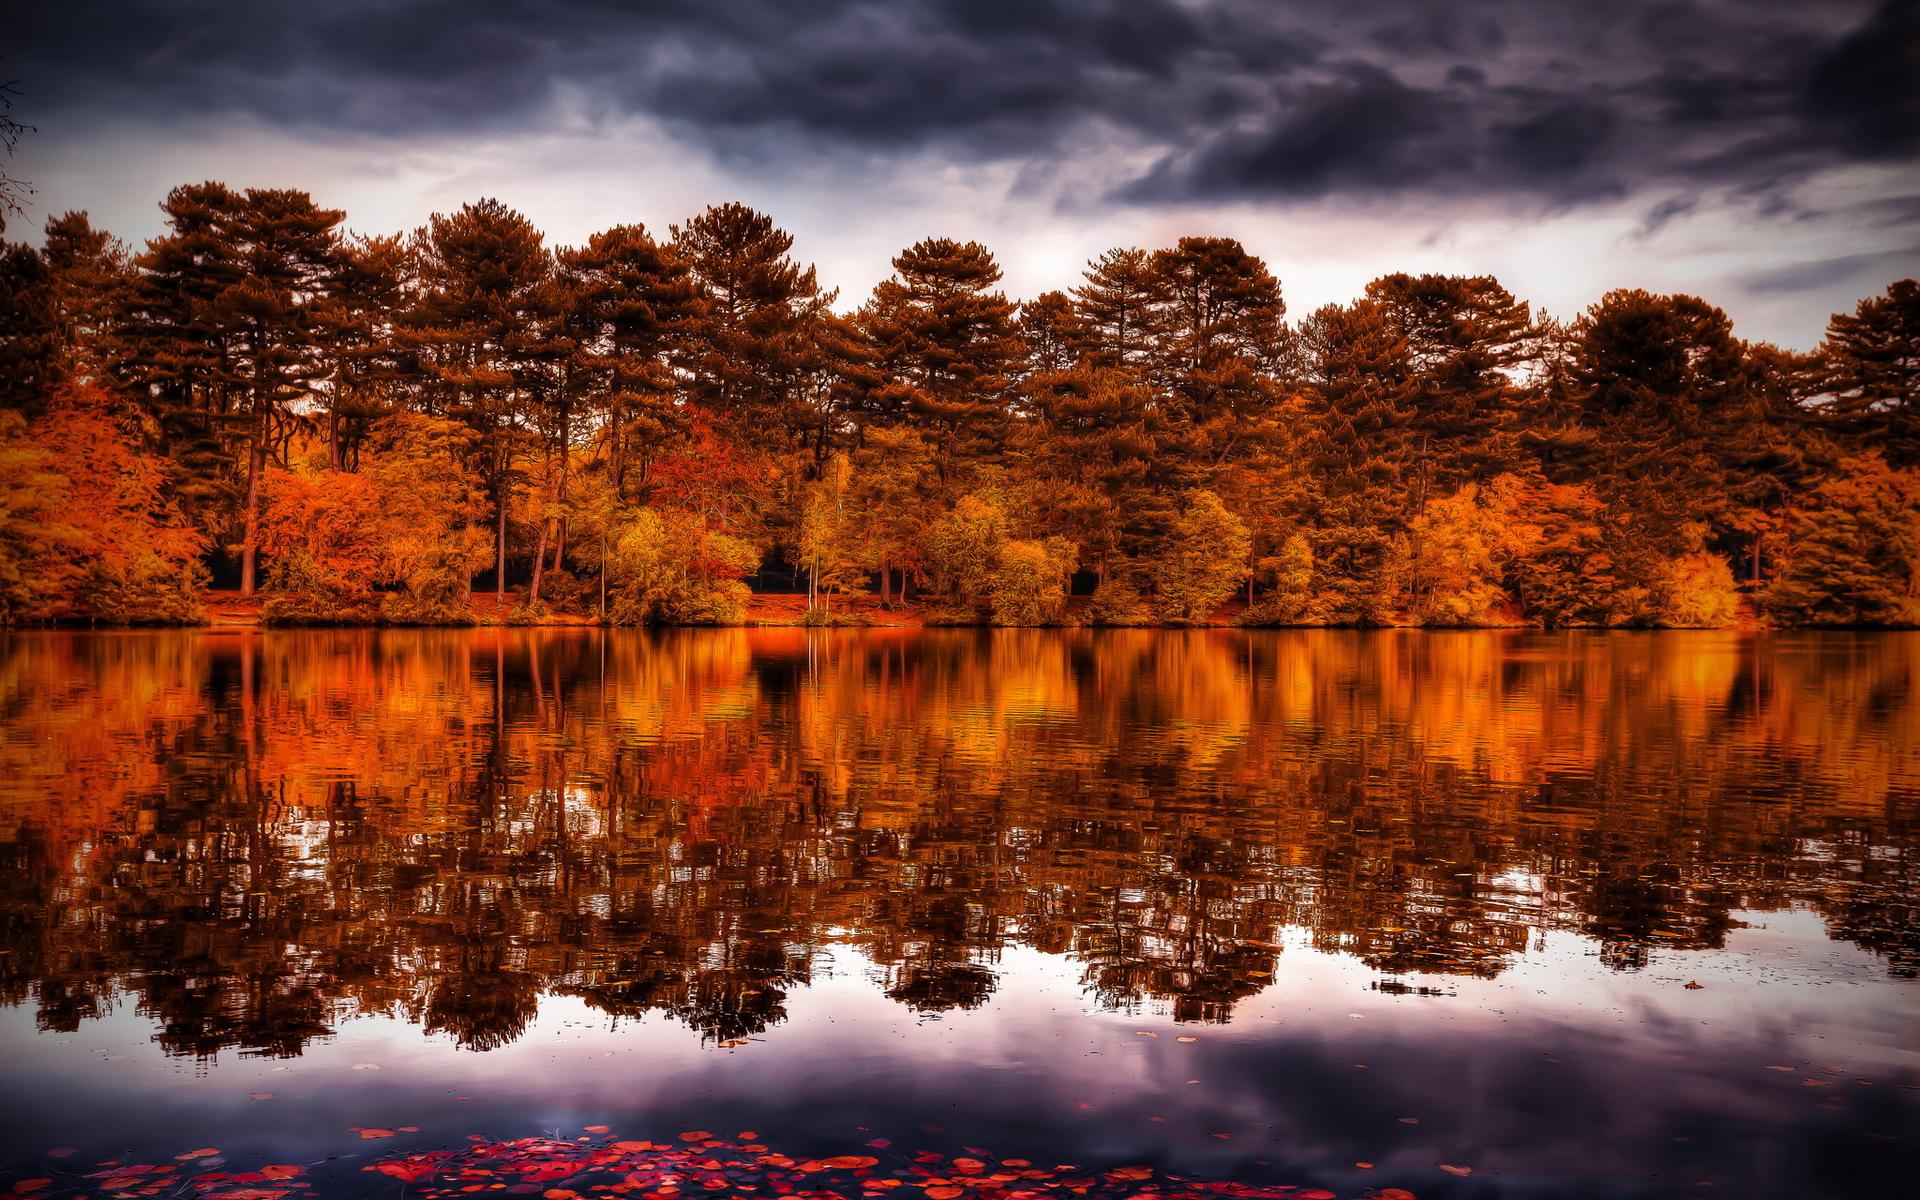 природа деревья река отражение осень nature trees river reflection autumn загрузить